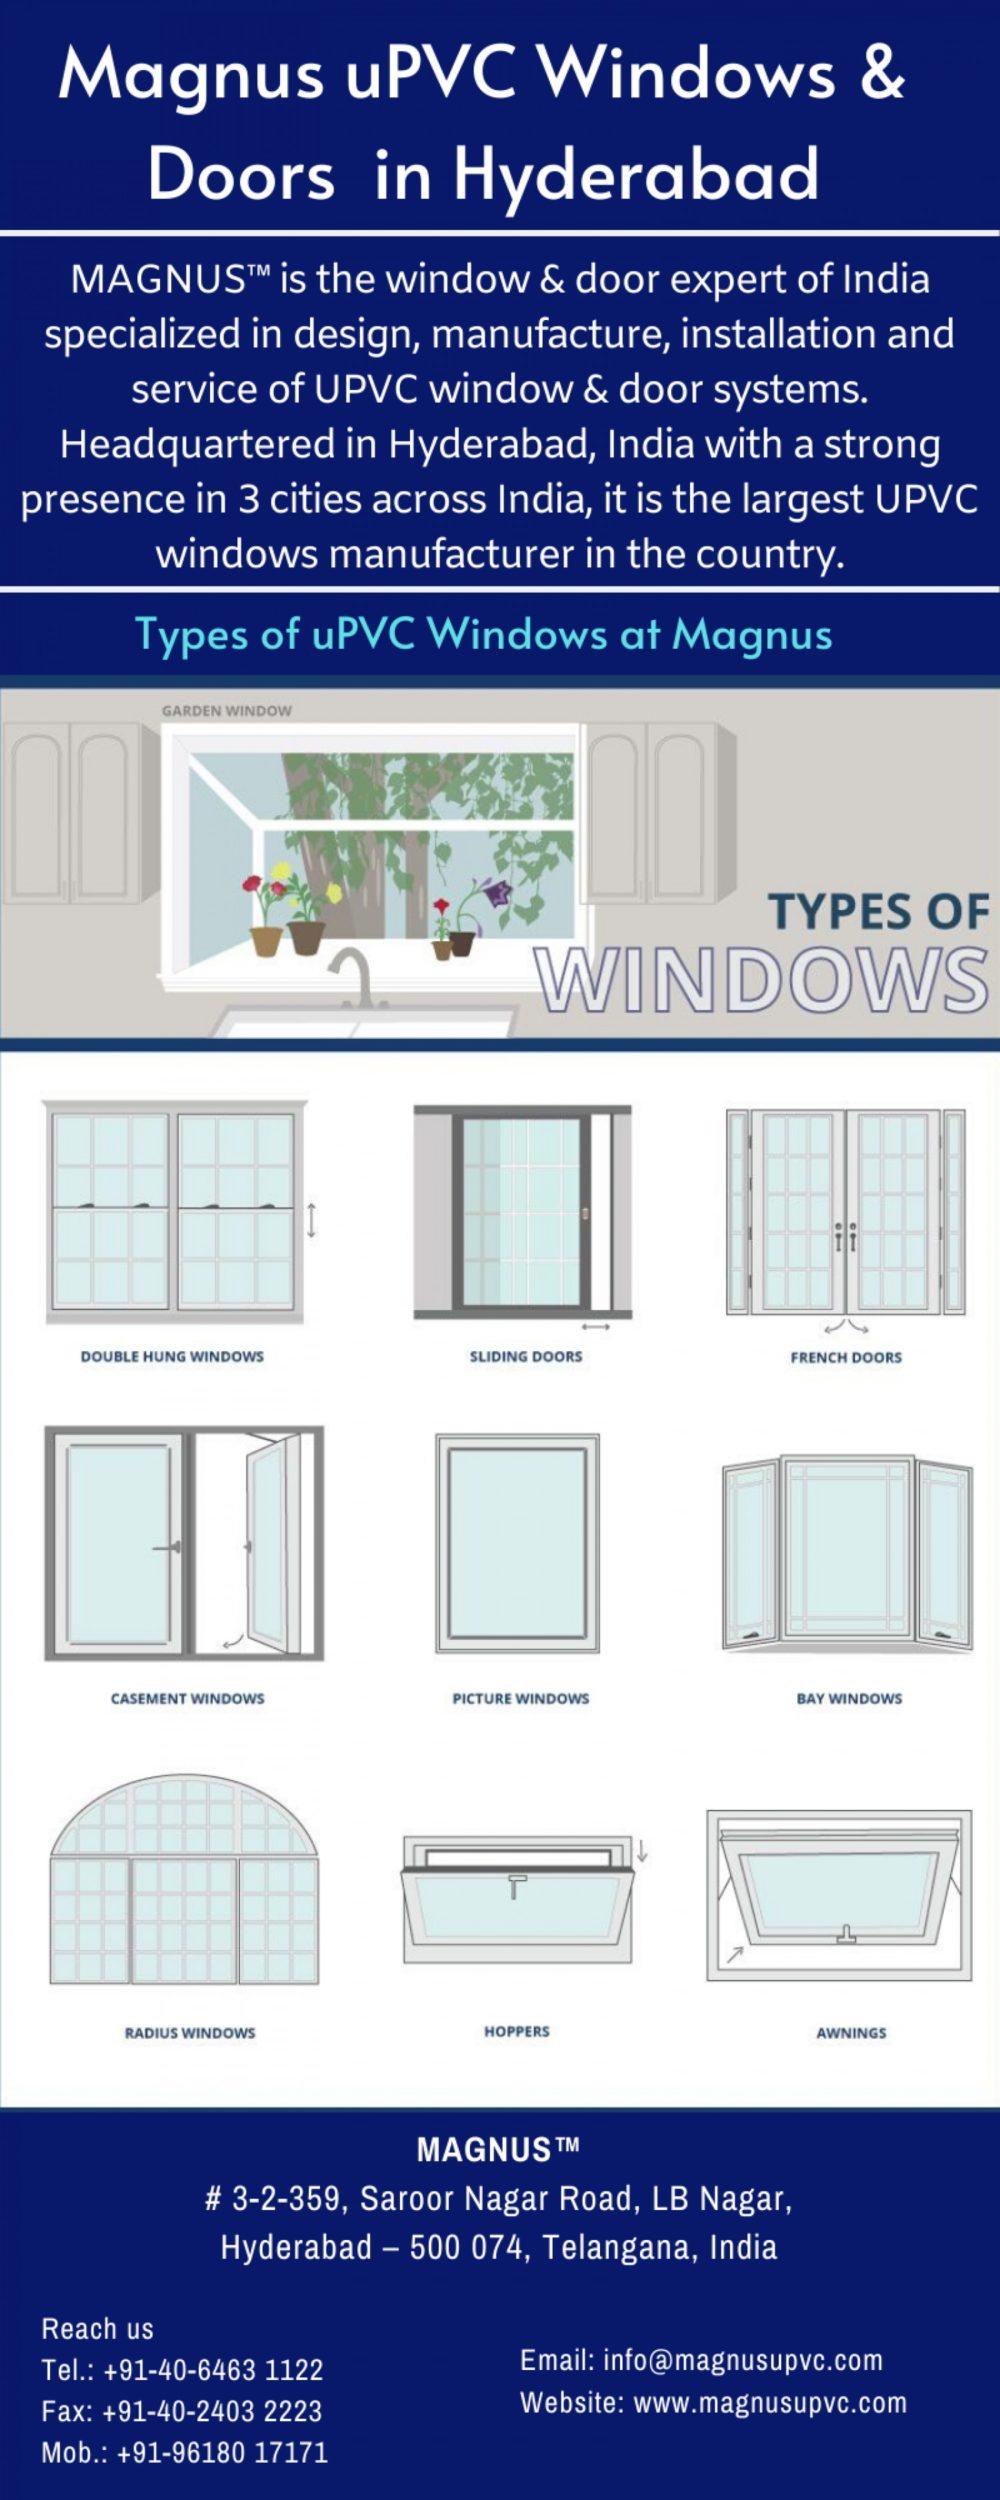 Magnus uPVC Windows & Doors In Hyderabad